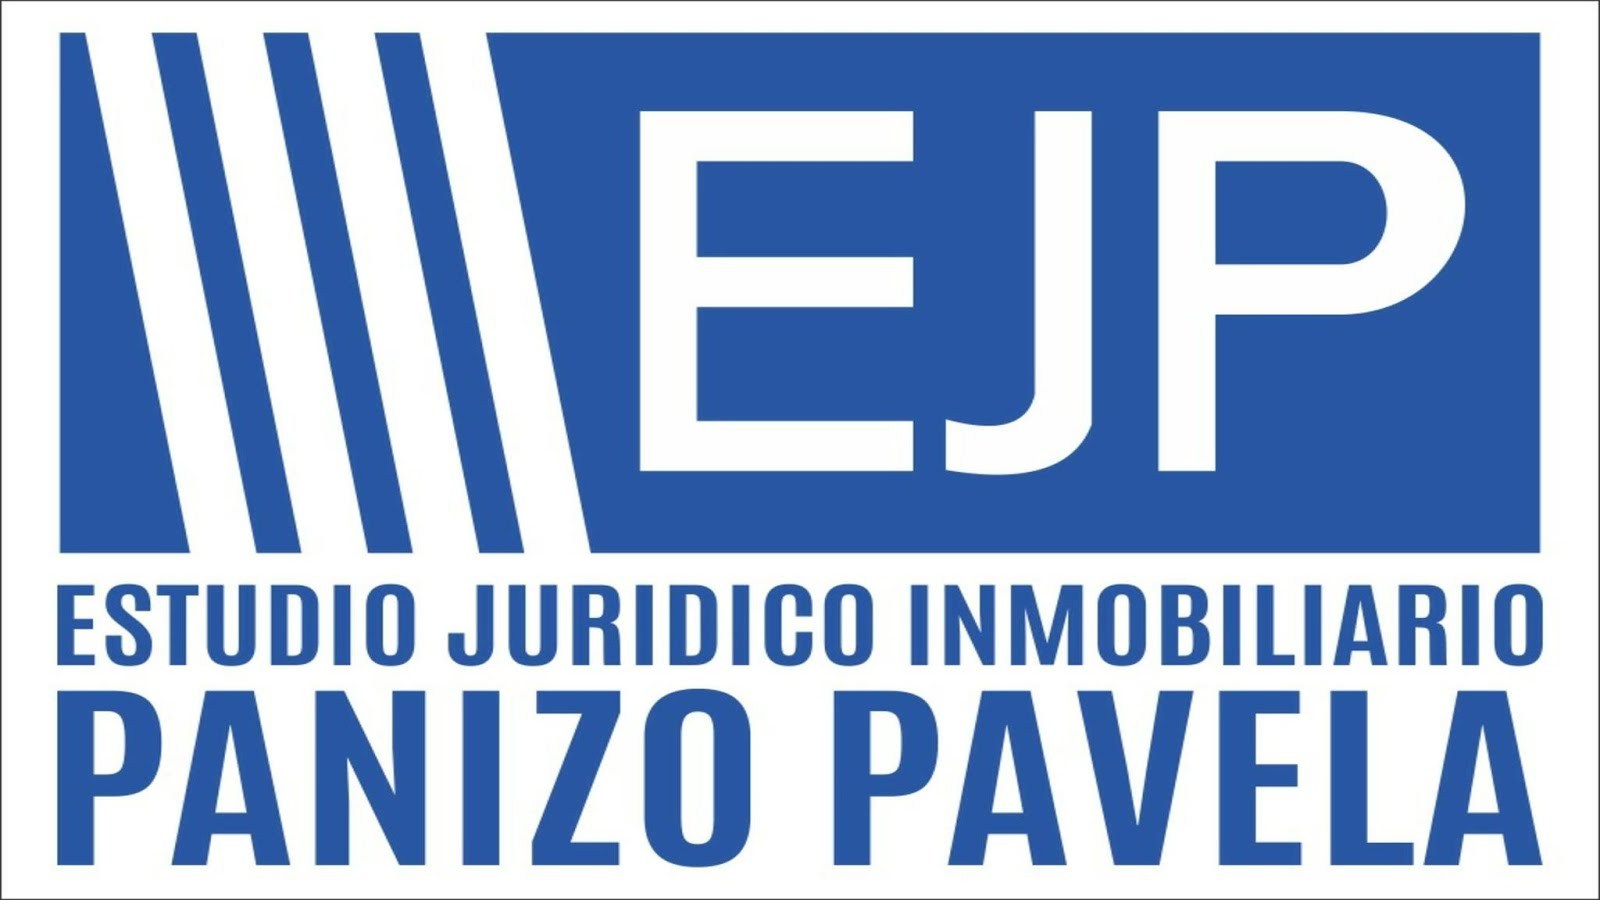 Abogados SUCESIONES en Mar del Plata :: PANIZO Abogados :: Cel. / Whatsapp 2236157942 :: Sucesiones